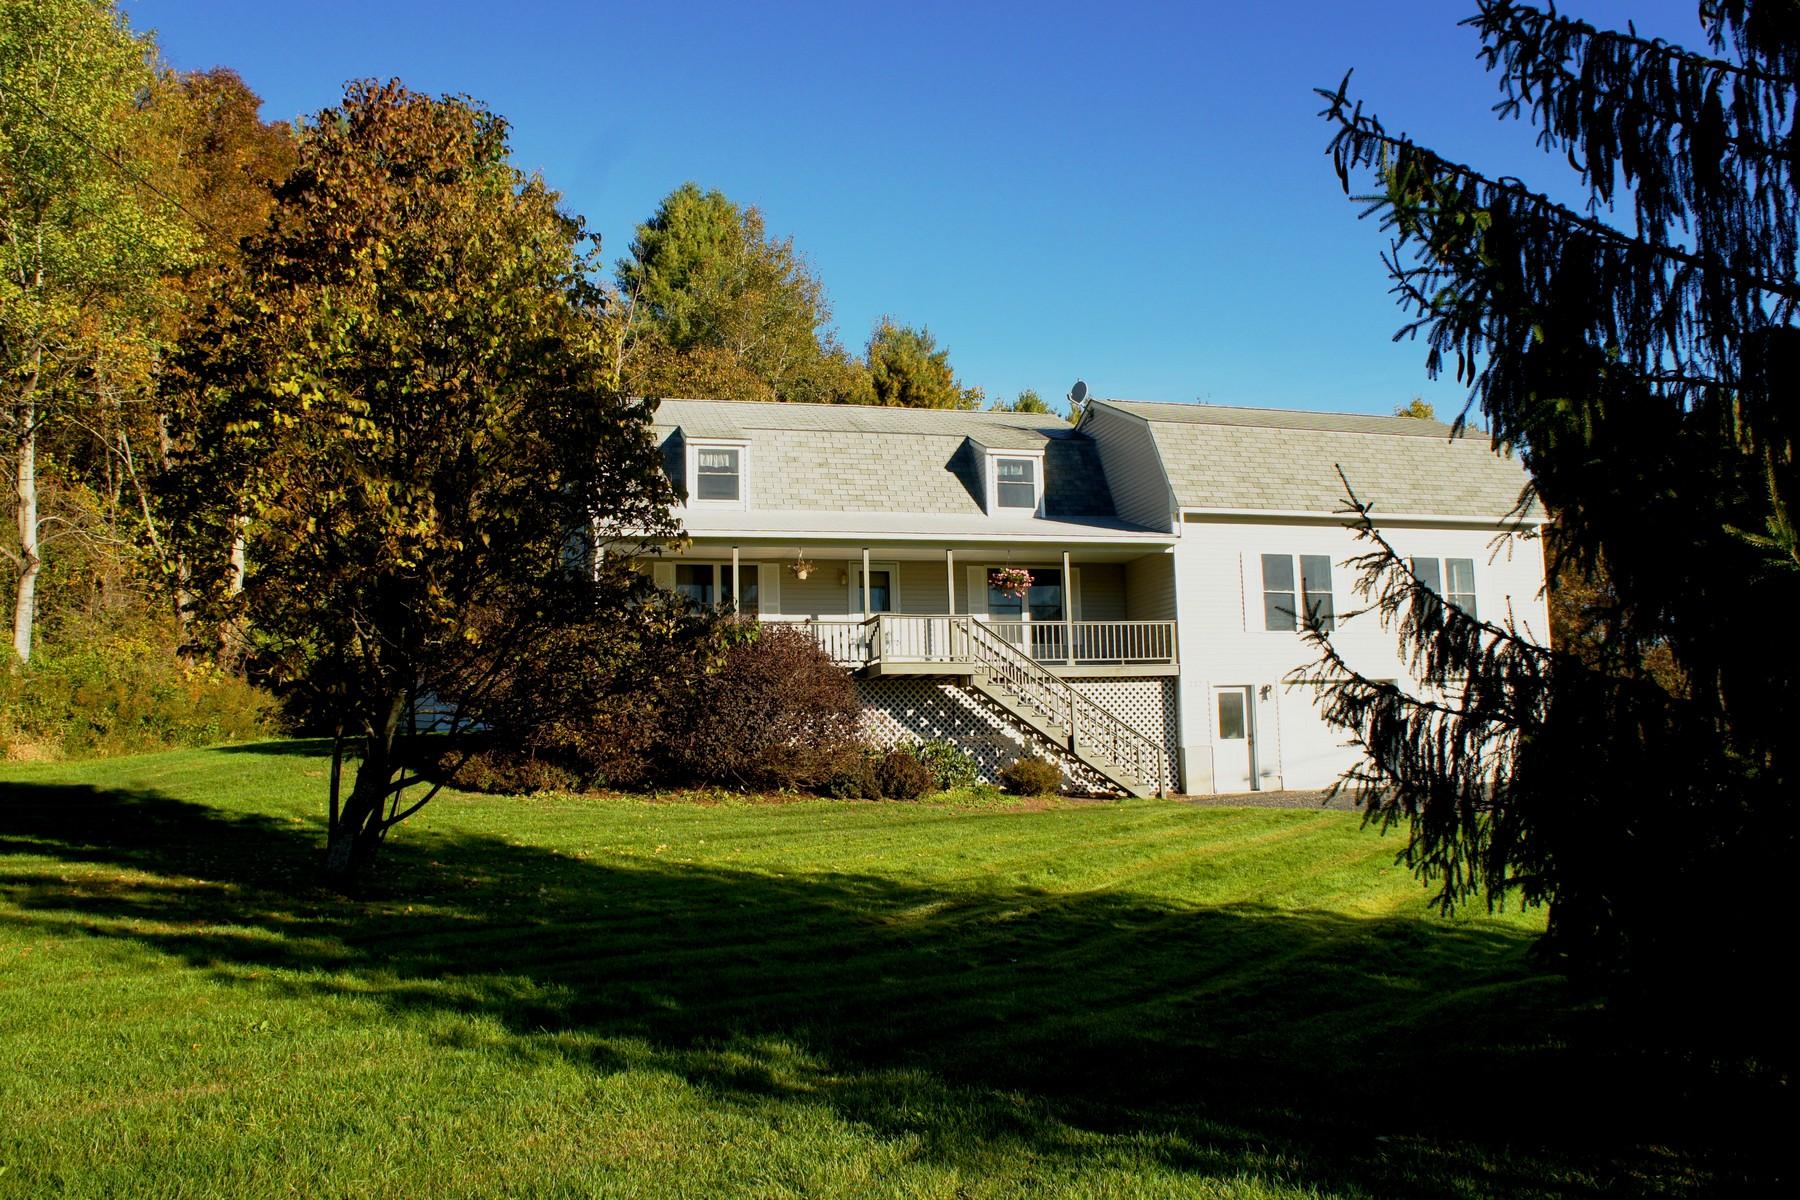 Maison unifamiliale pour l Vente à 737 Guptil Rd, Waterbury Waterbury, Vermont 05676 États-Unis